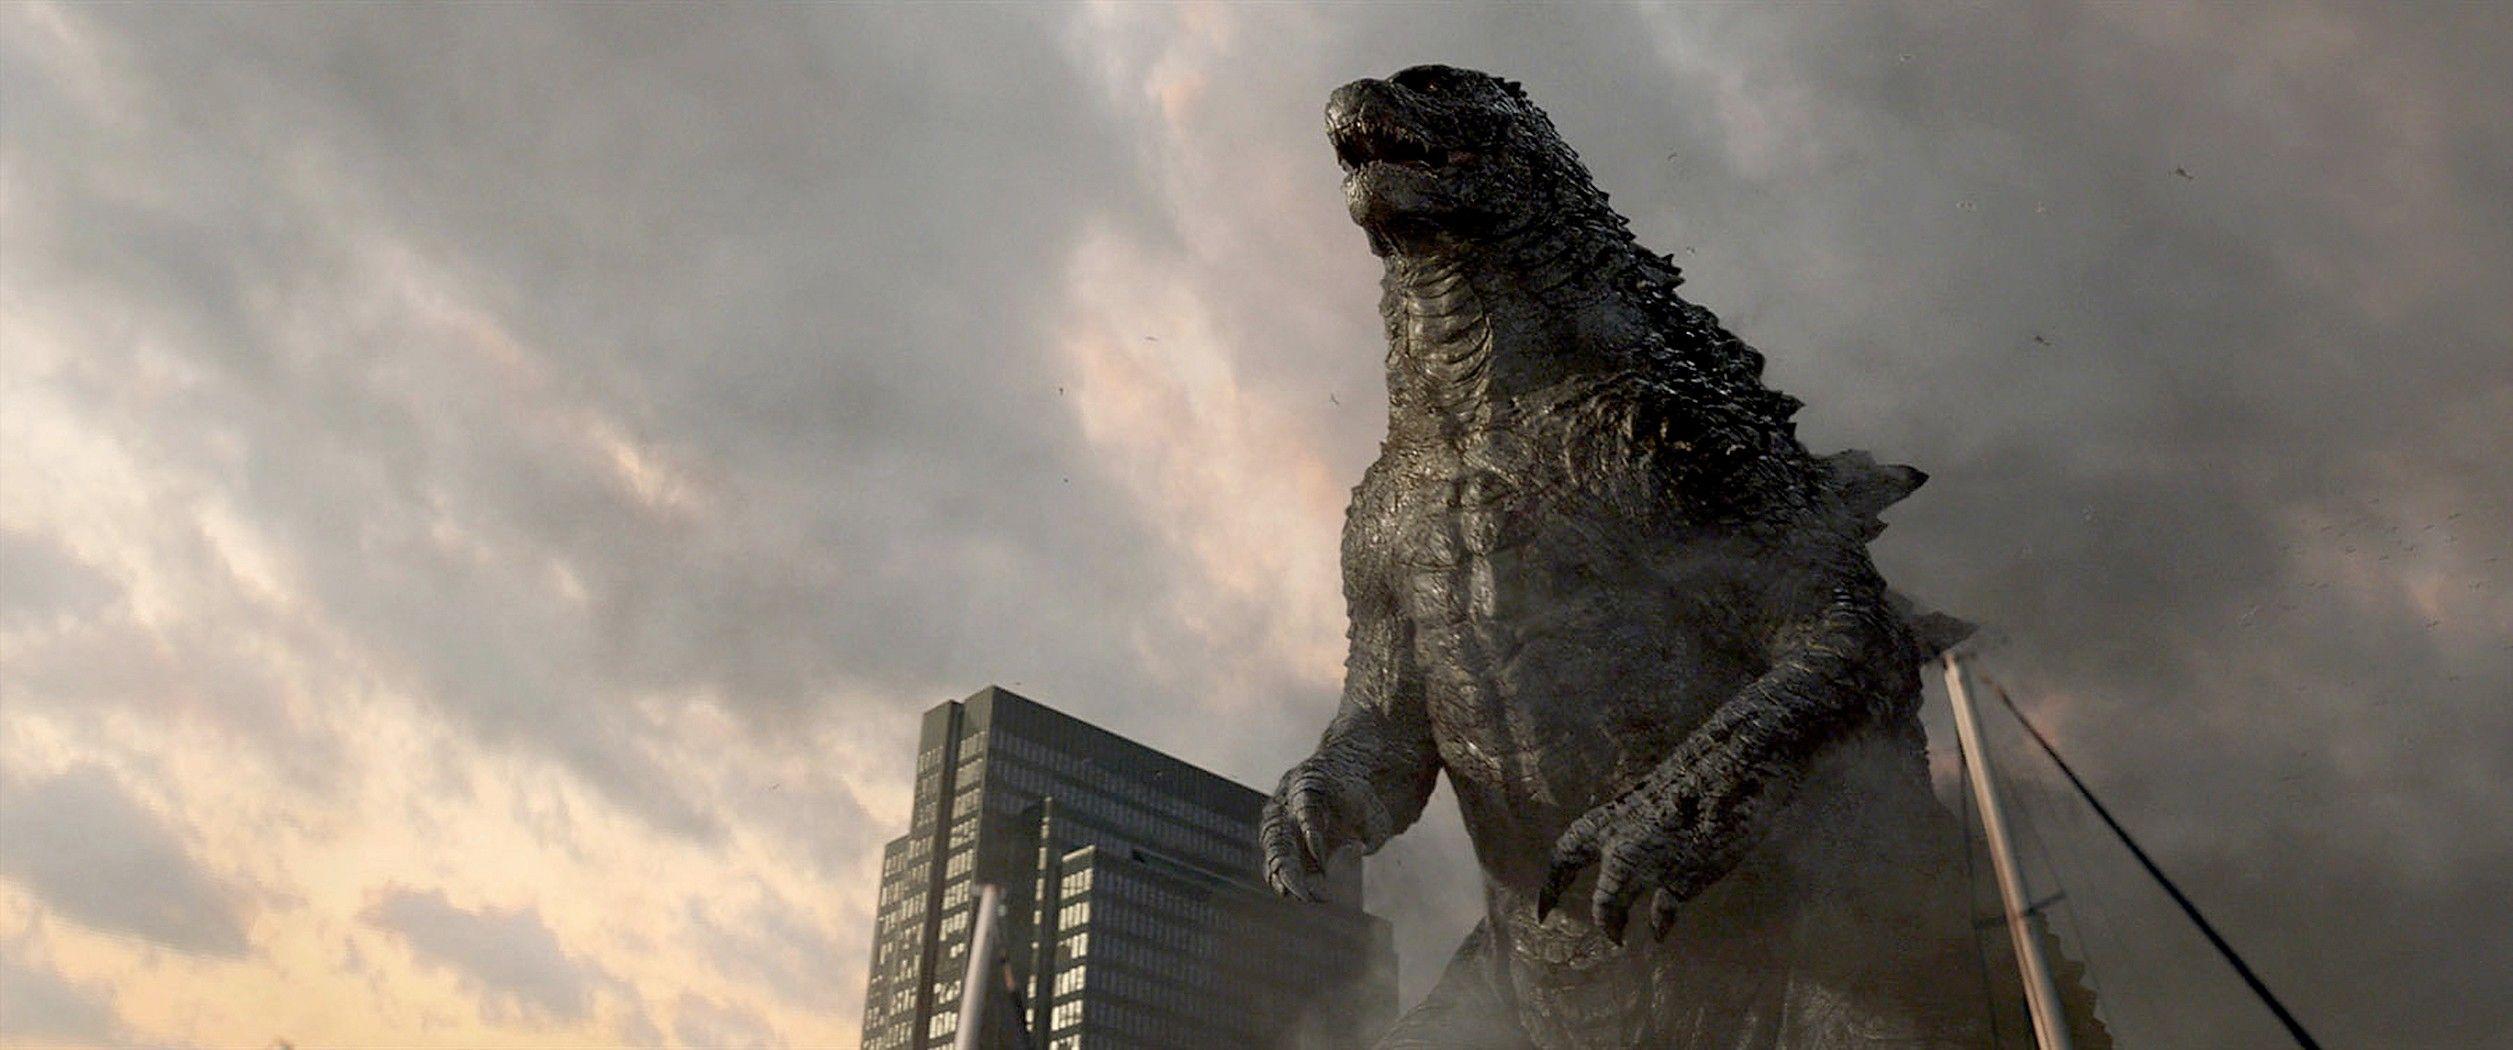 Imagen 57 de Godzilla